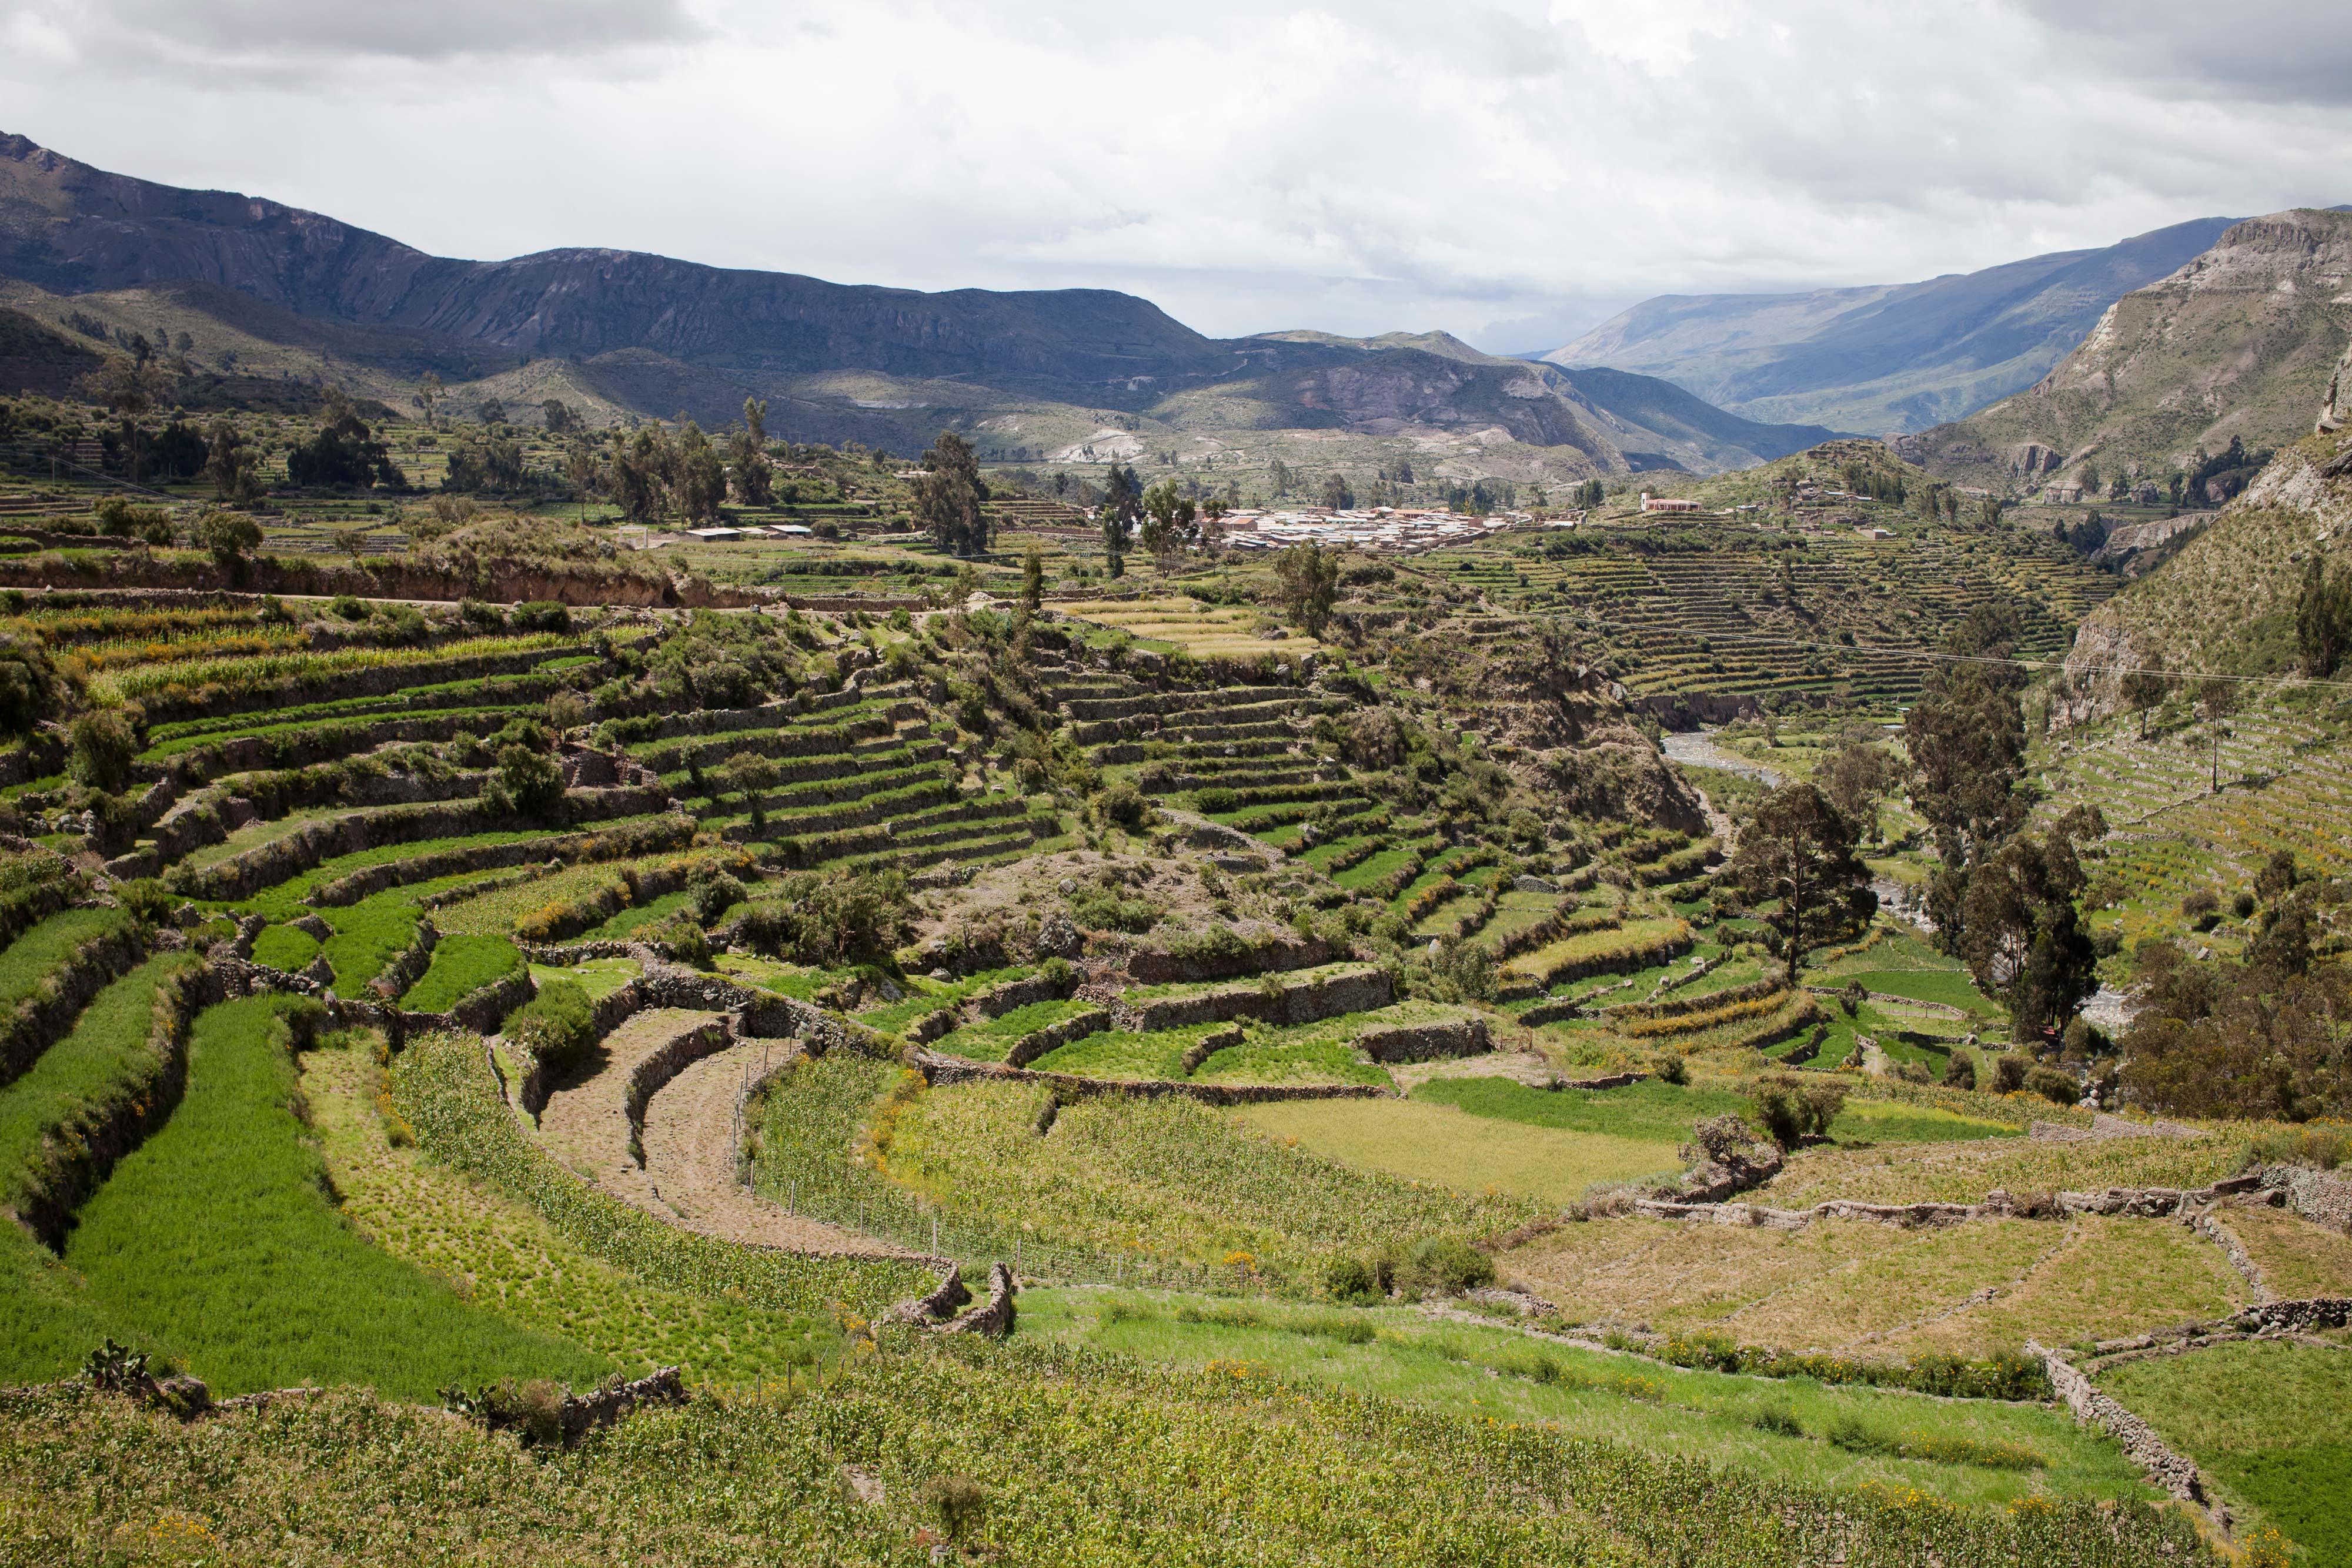 Valle Sondondo